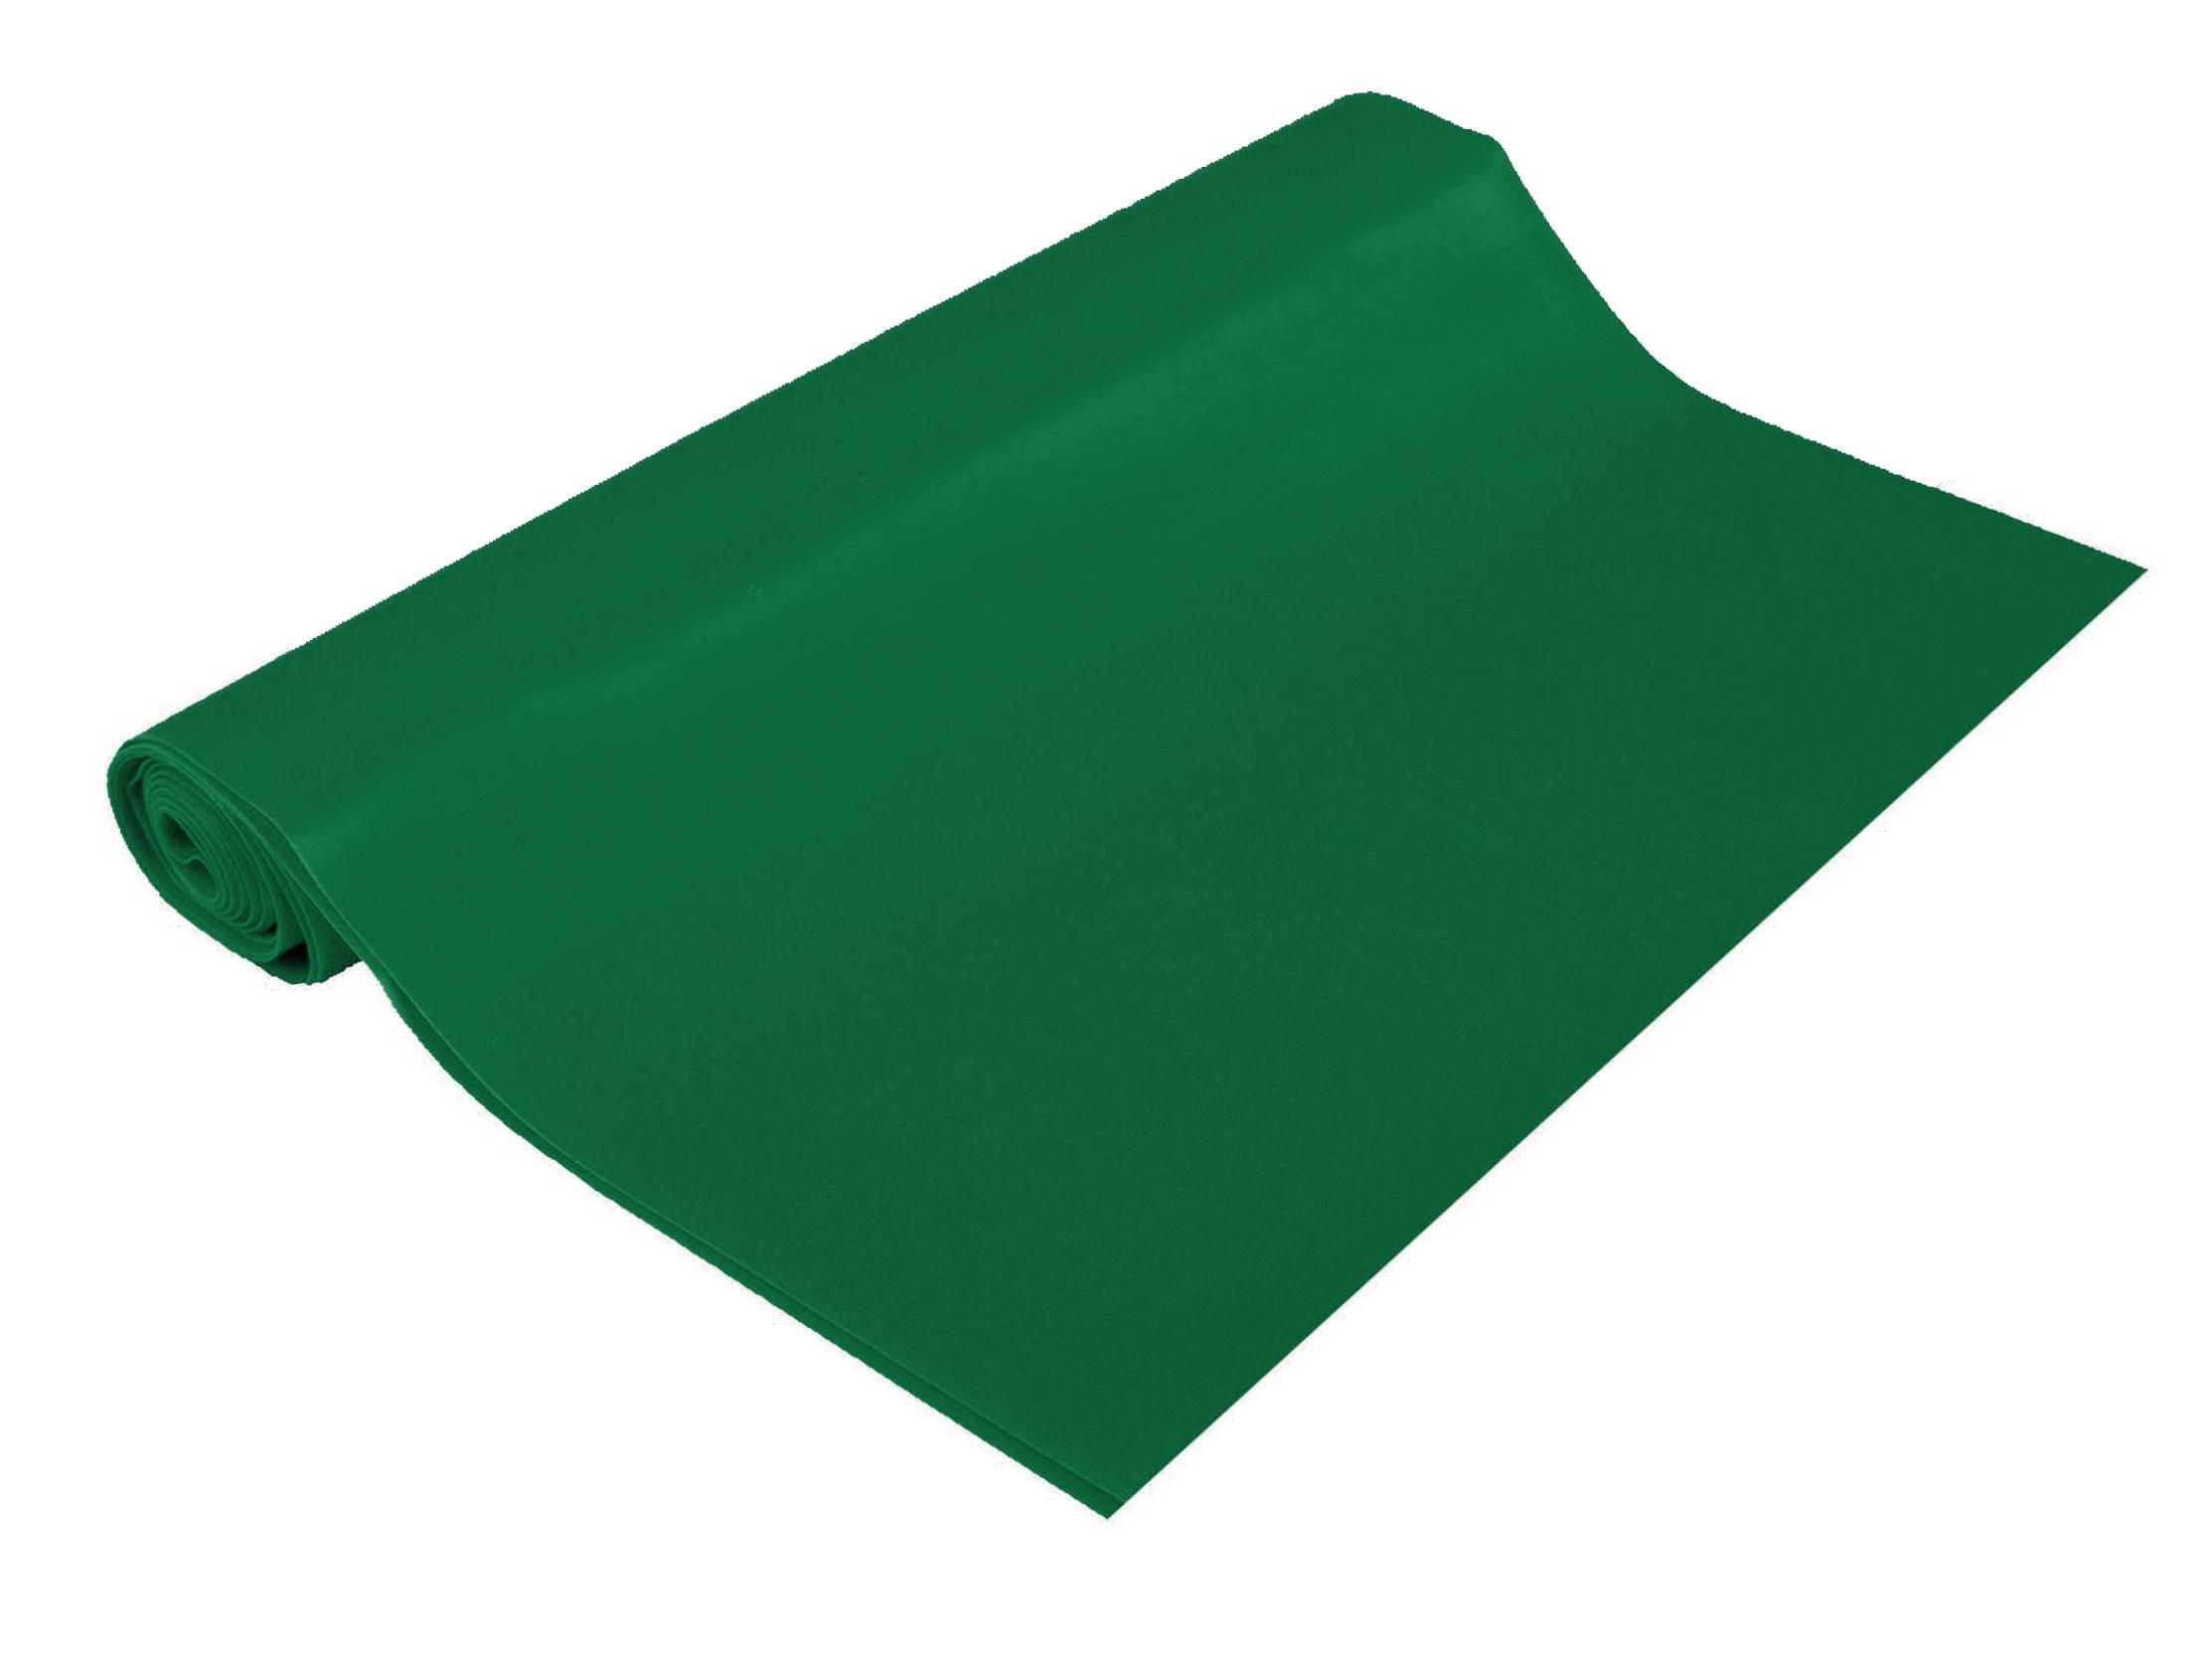 059 GUMA páska pre 2,5 m x15cm rehabilitačné cvičenie